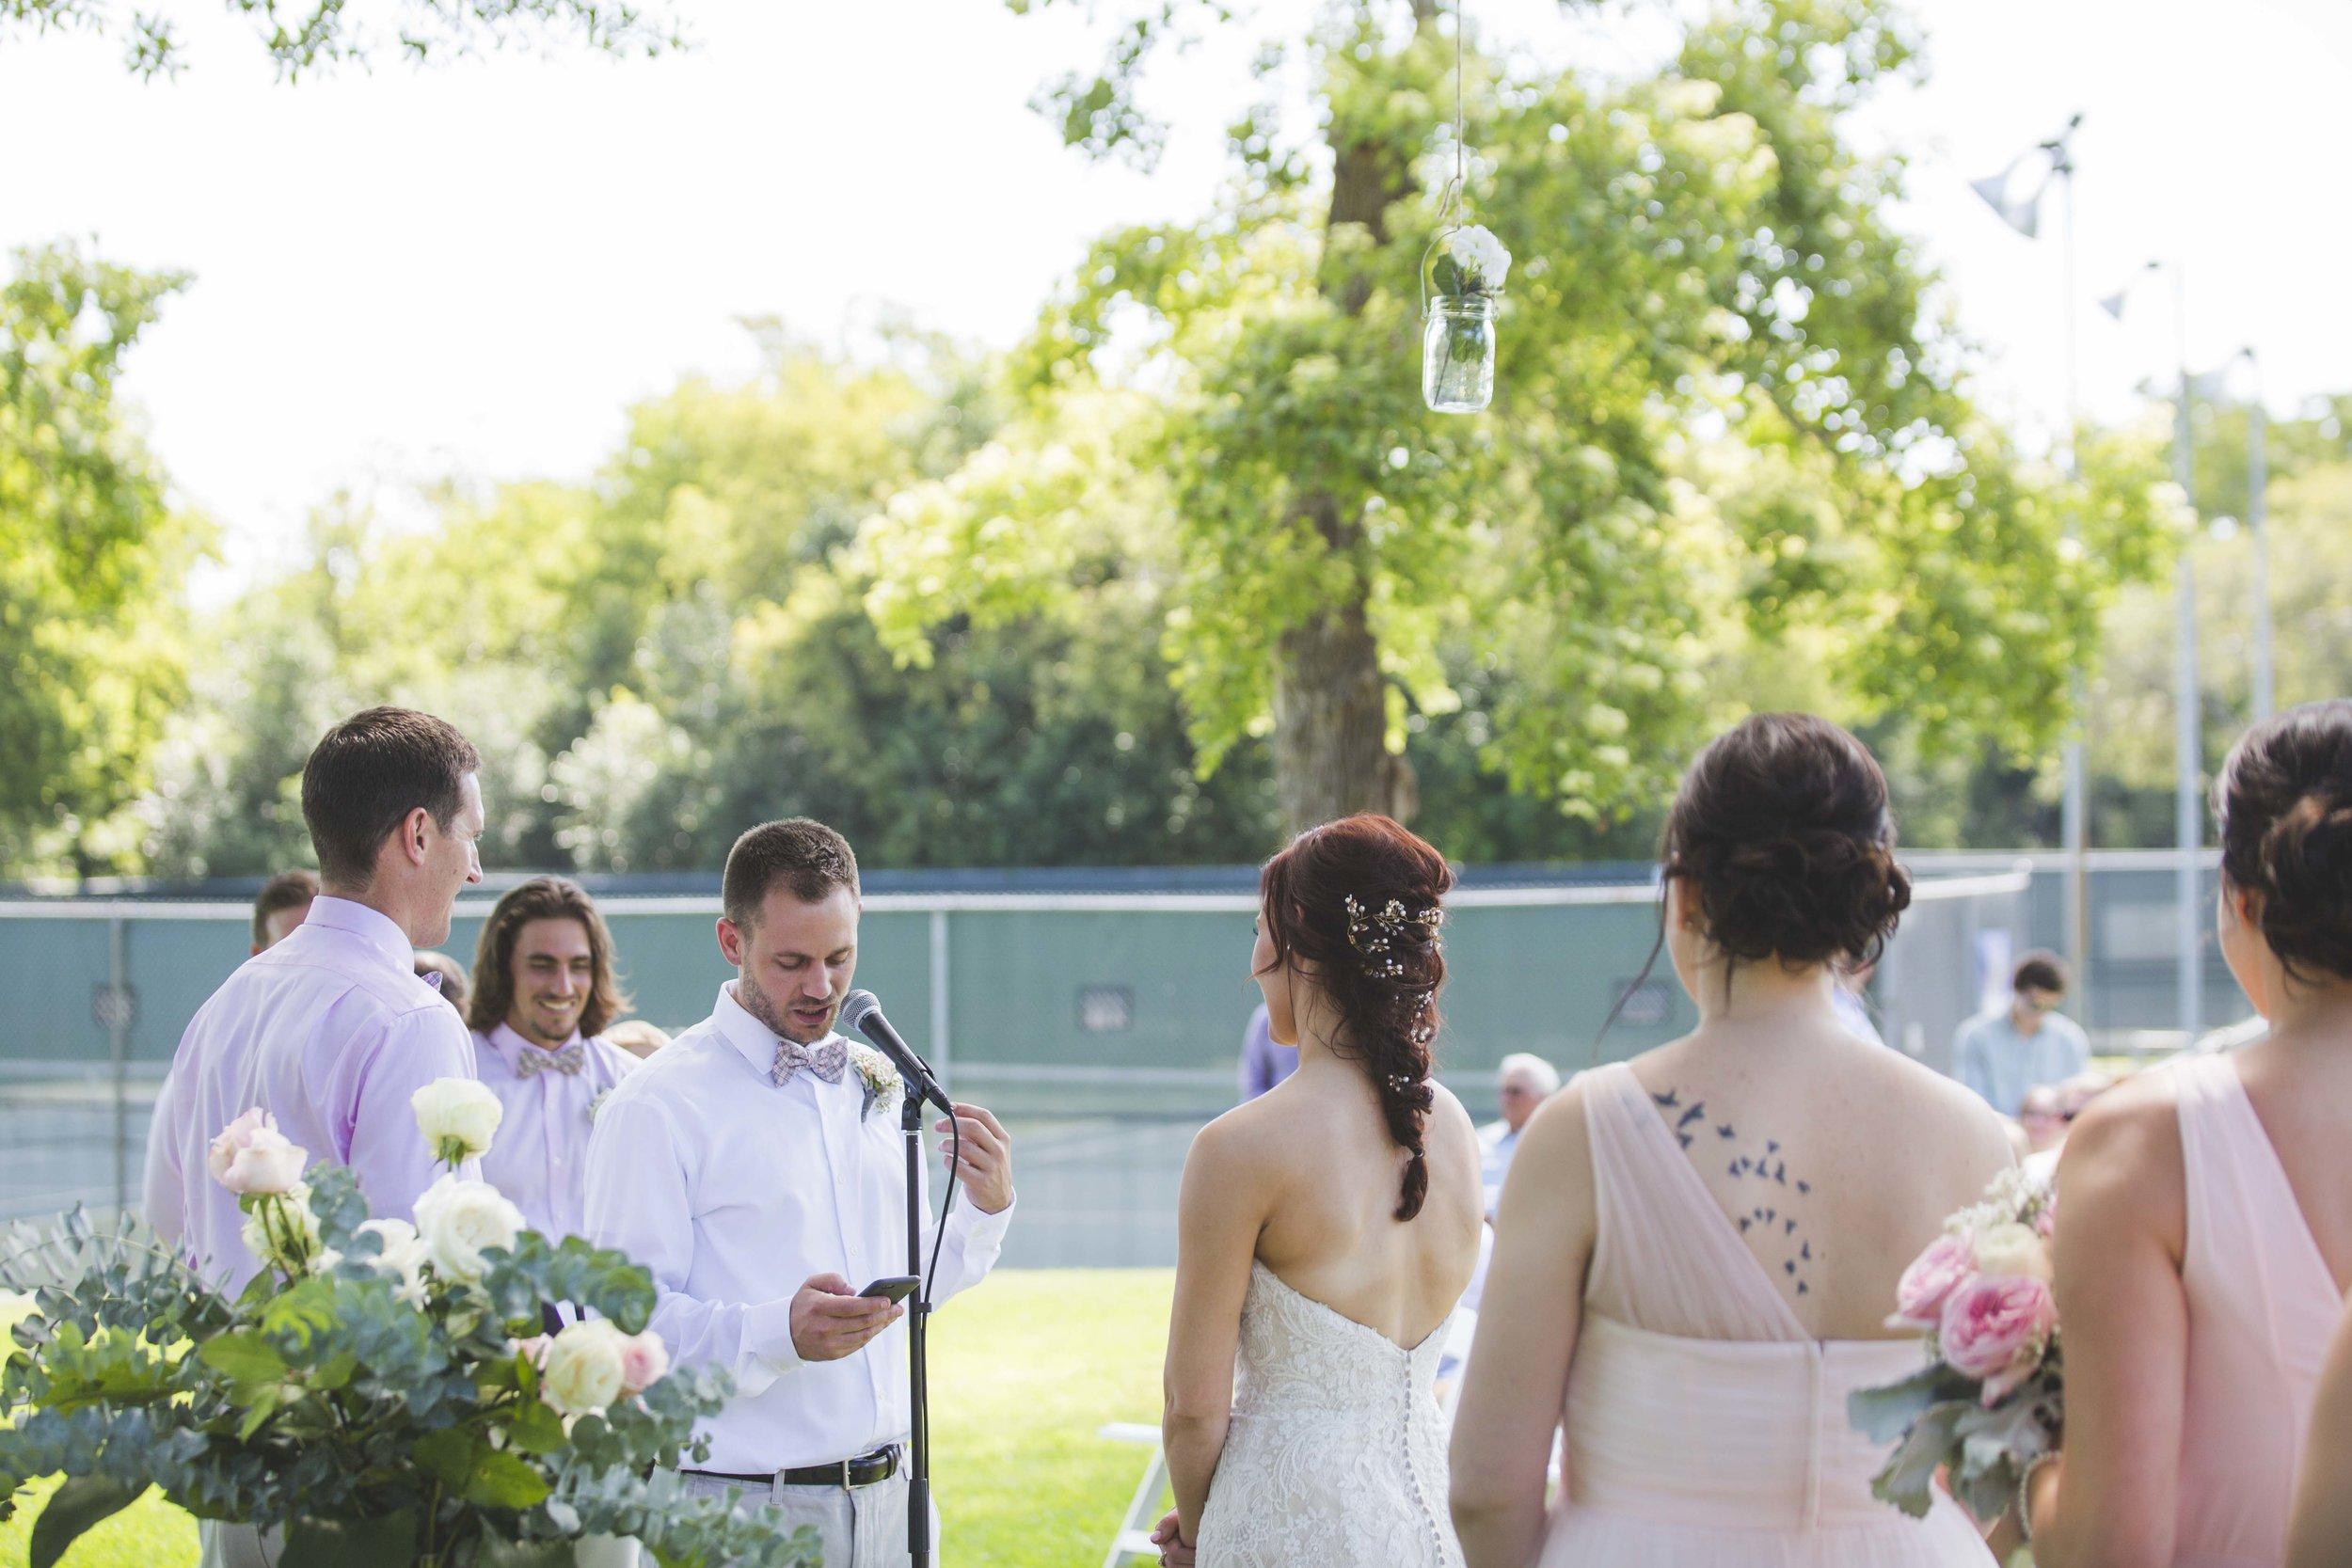 ATGI_Susanna & Matt Wedding_717A7788.jpg